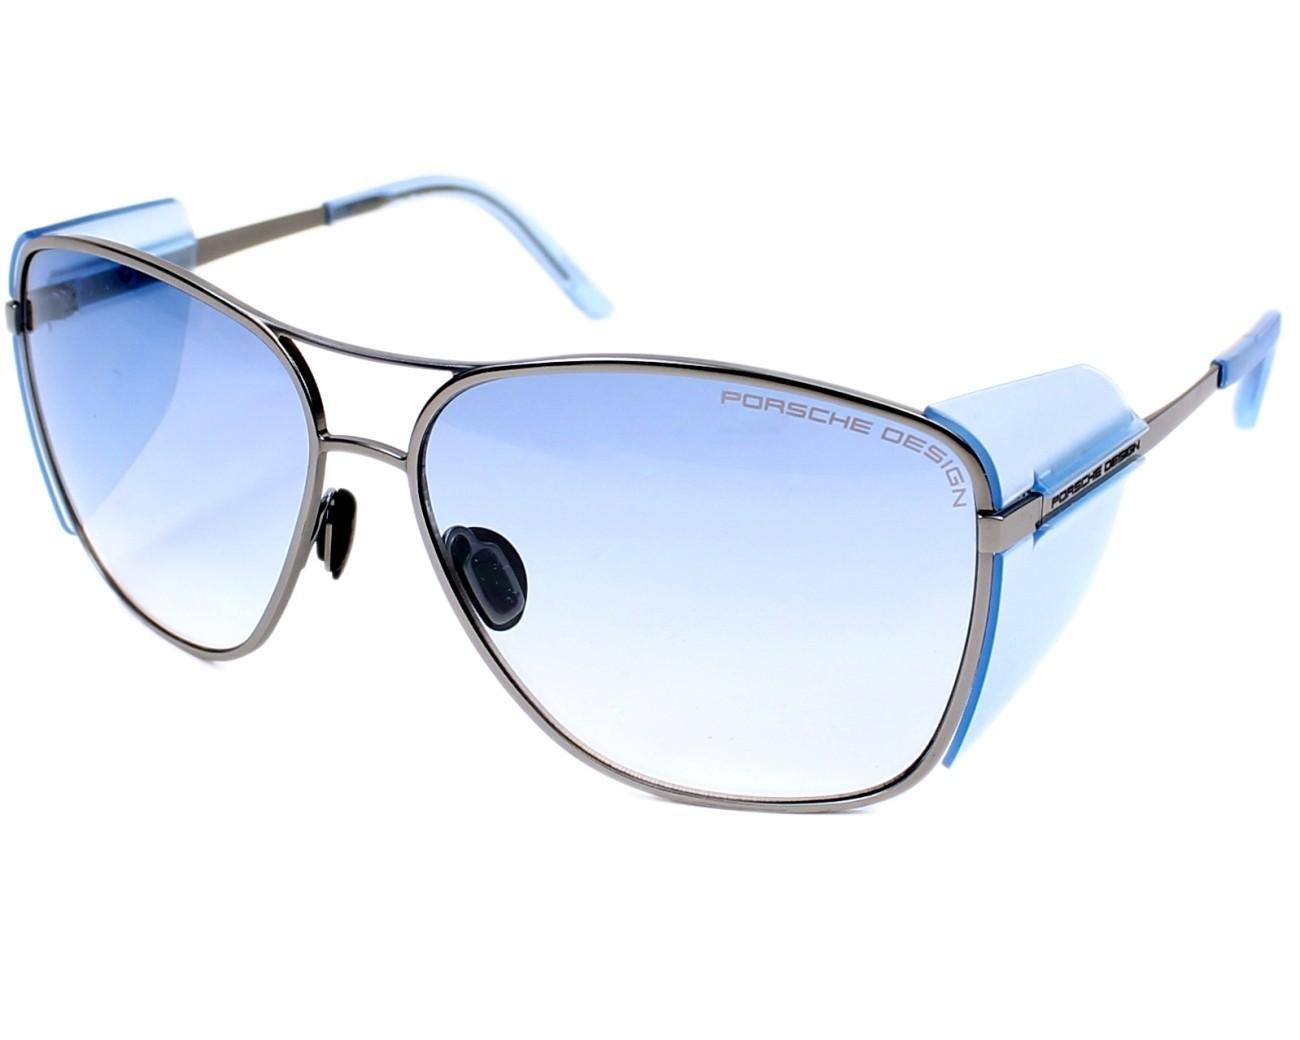 lunettes de soleil porsche design p 8600 c argent avec des verres gris bleu pour hommes. Black Bedroom Furniture Sets. Home Design Ideas